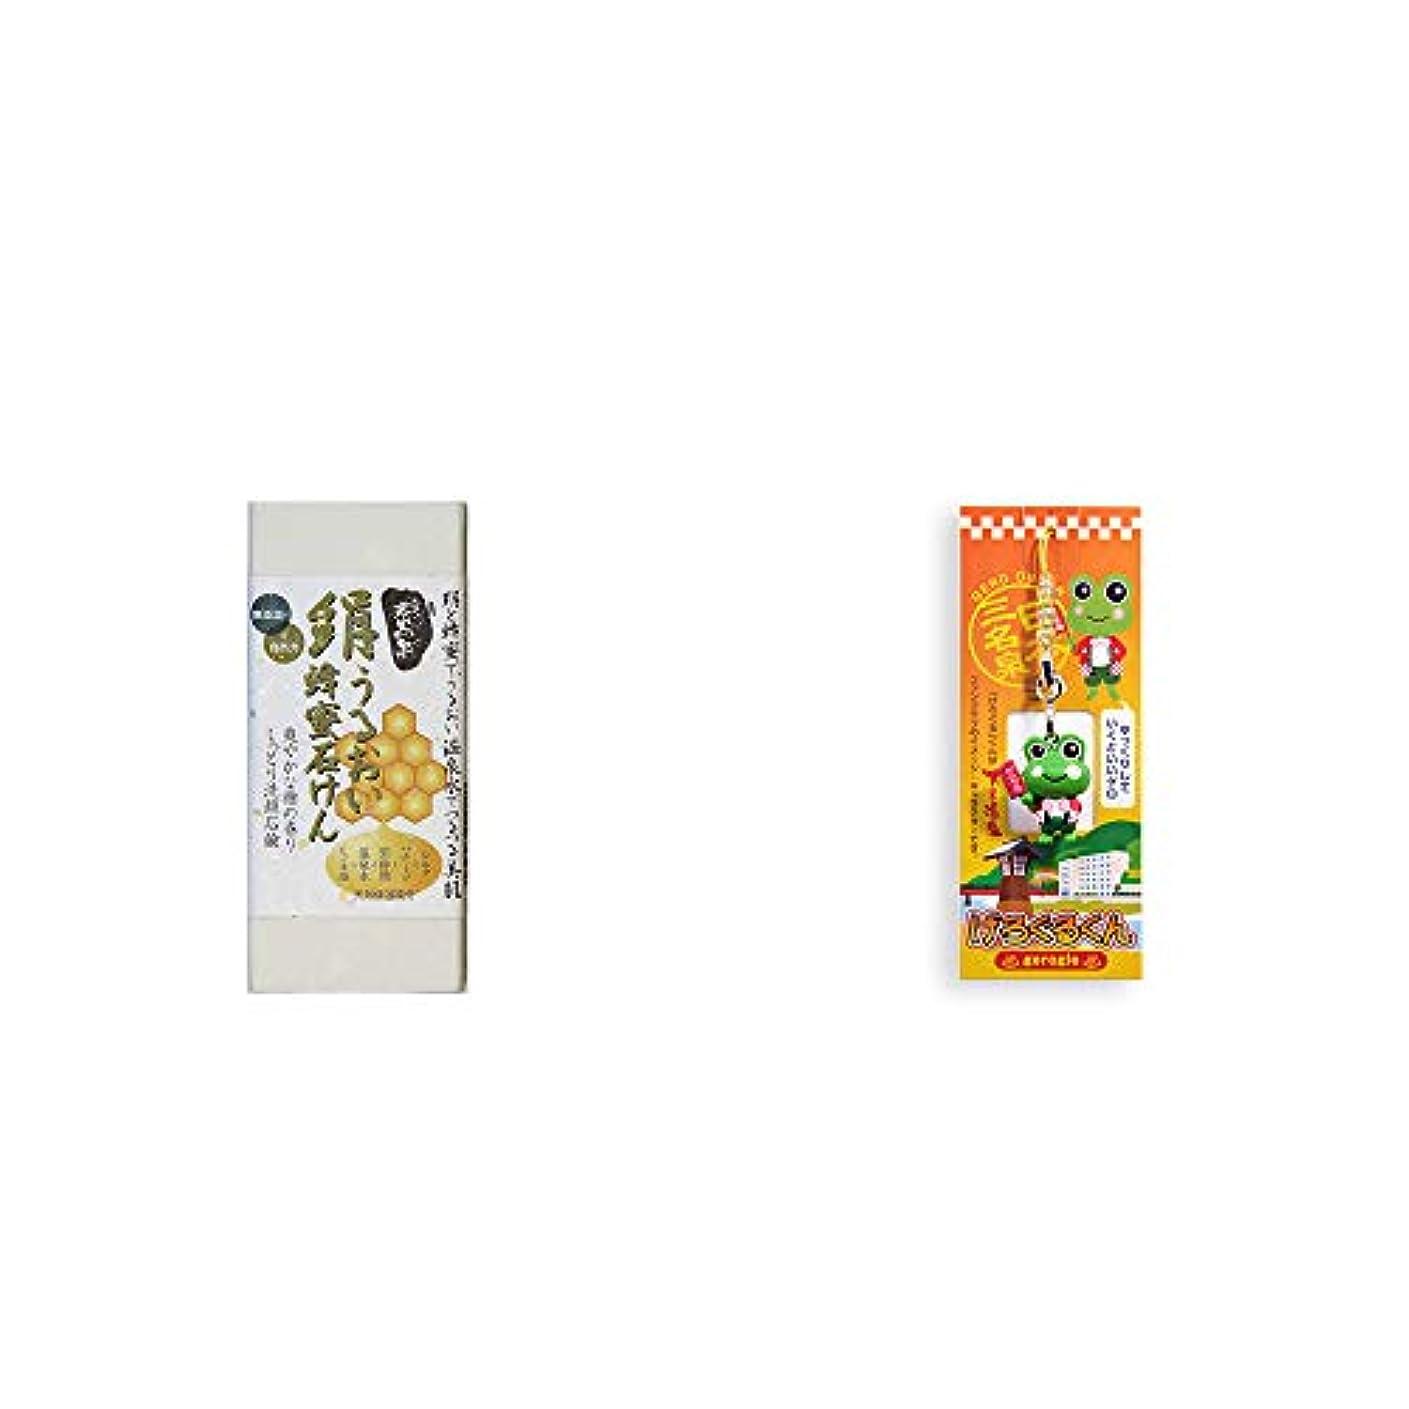 食べる冷淡な引き受ける[2点セット] ひのき炭黒泉 絹うるおい蜂蜜石けん(75g×2)?下呂温泉ファンクラブのイメージキャラクター げろぐるくんストラップ